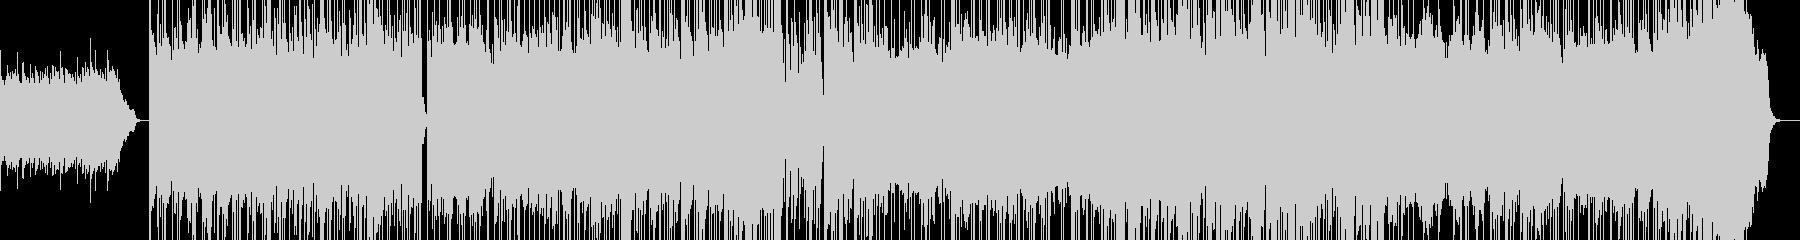 郷愁感のあるピアノインストの未再生の波形